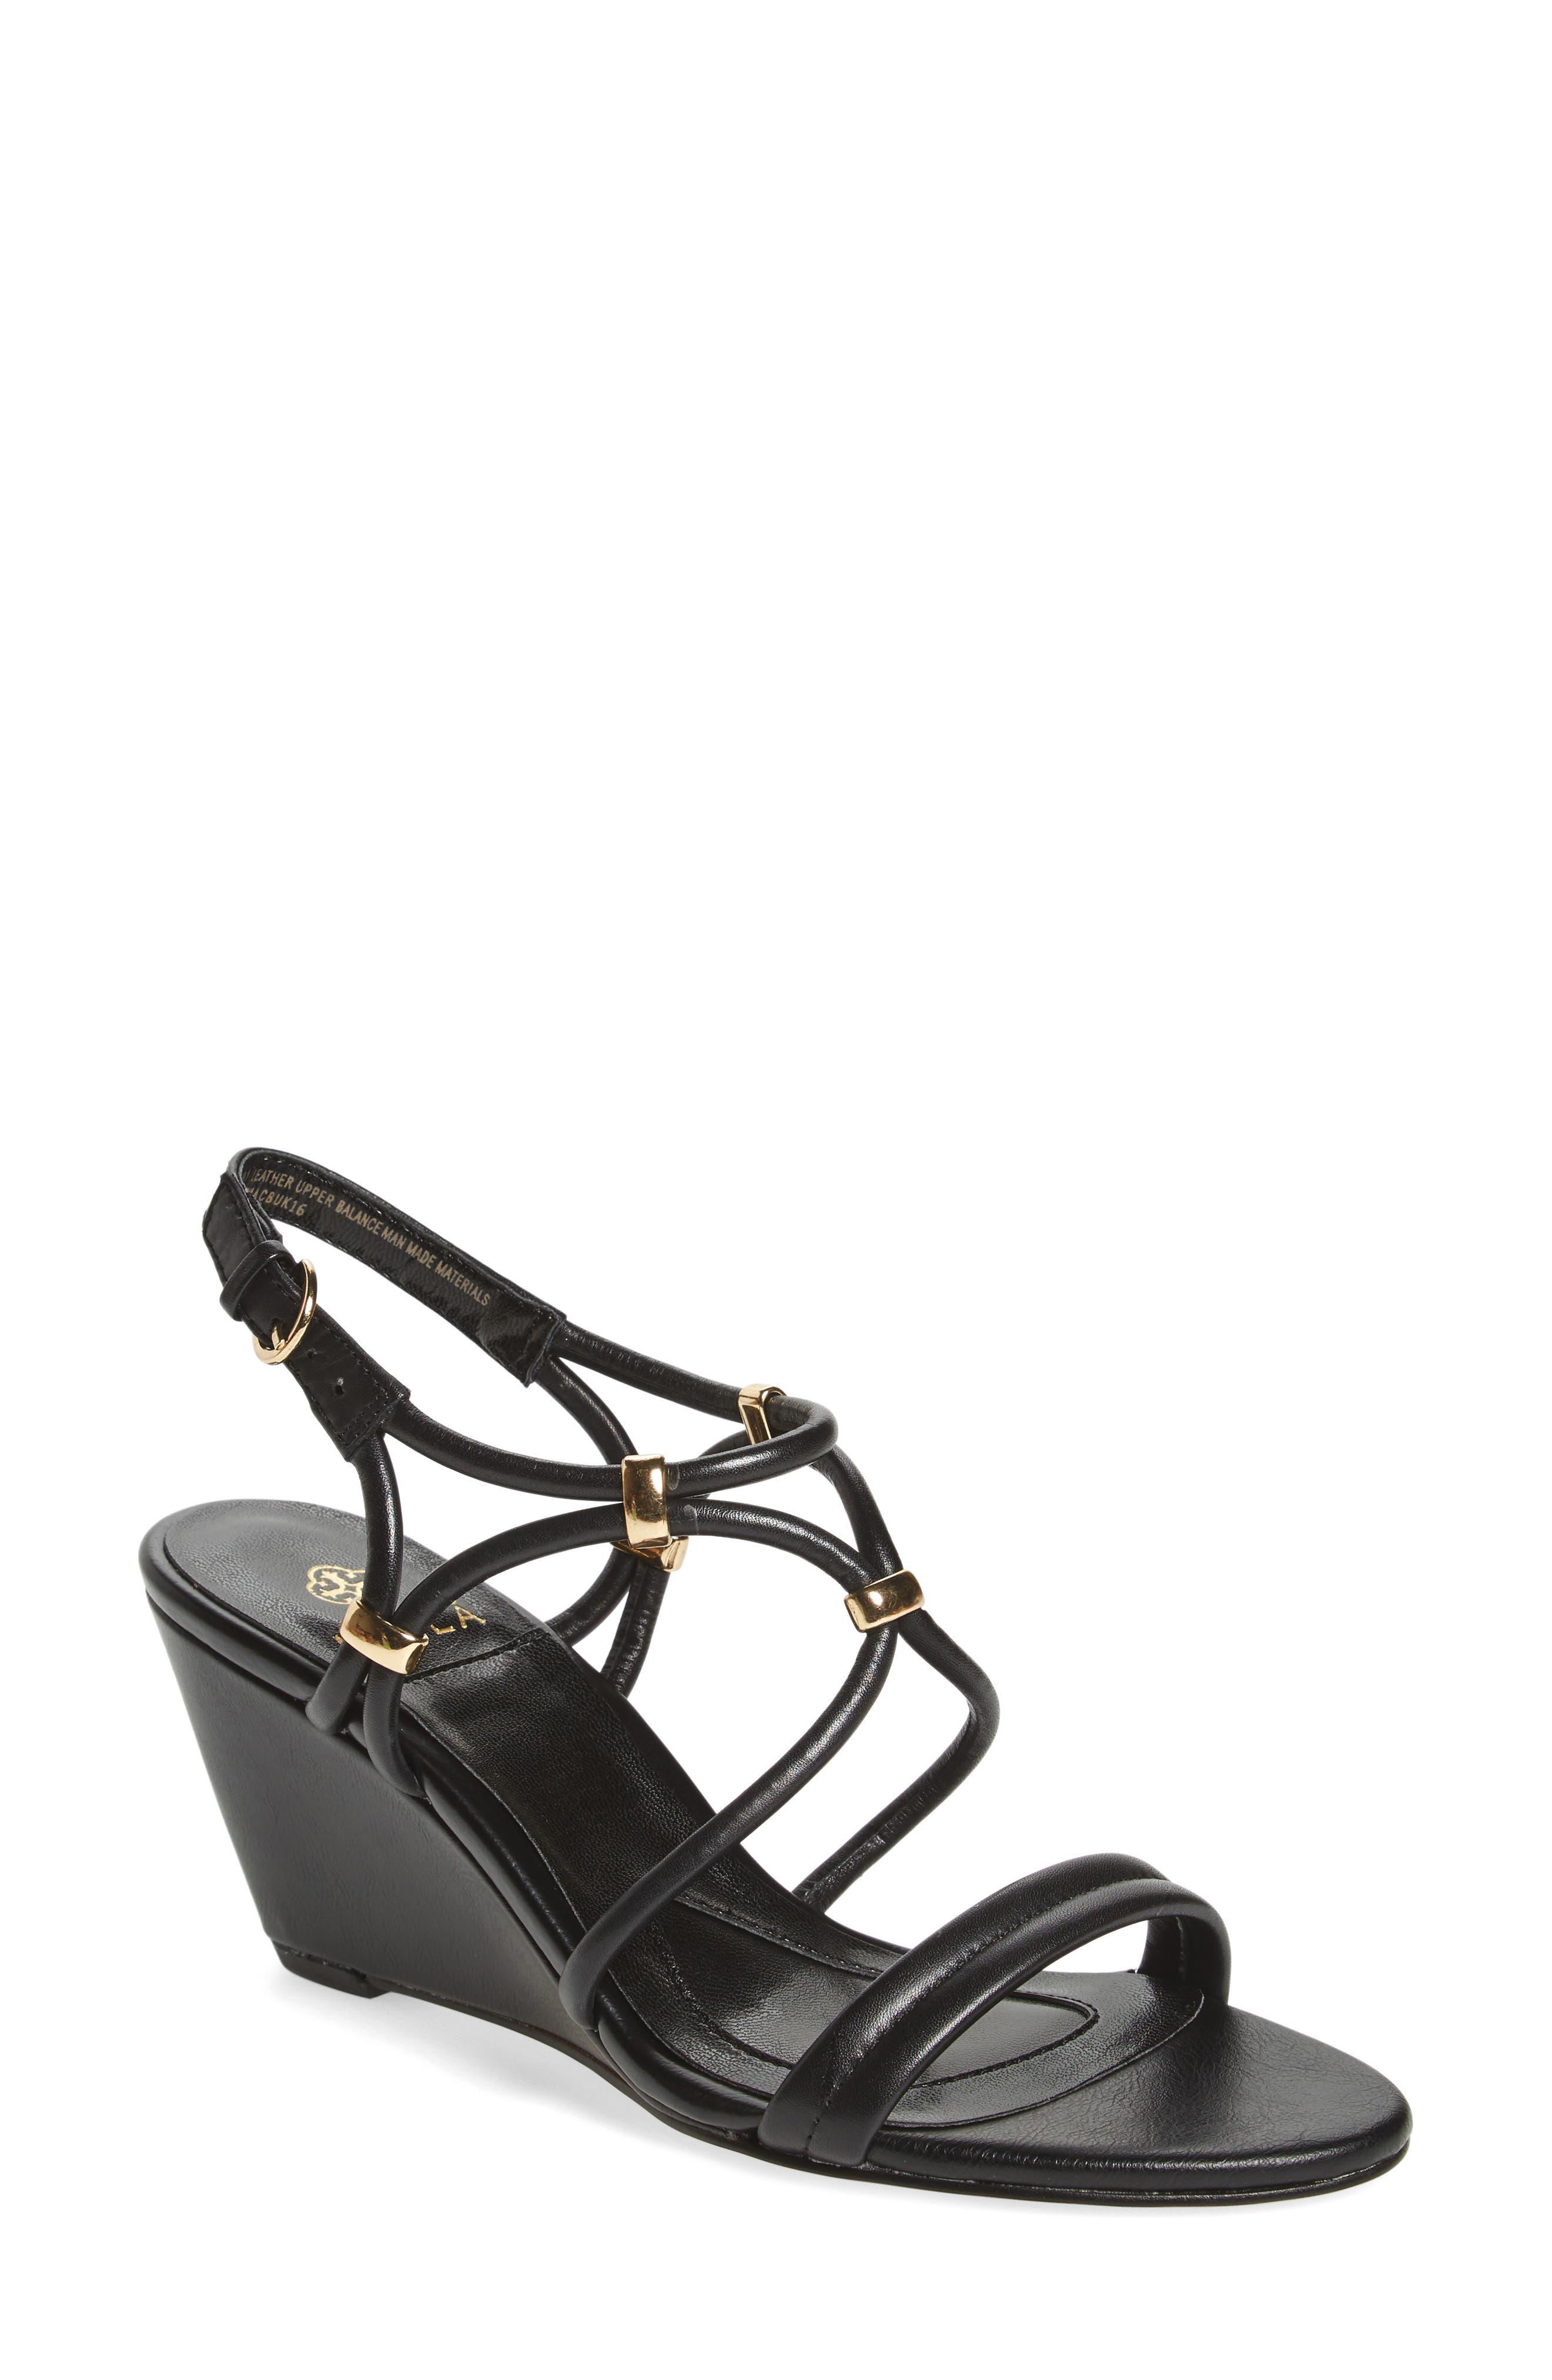 Farah Wedge Sandal,                         Main,                         color, 001